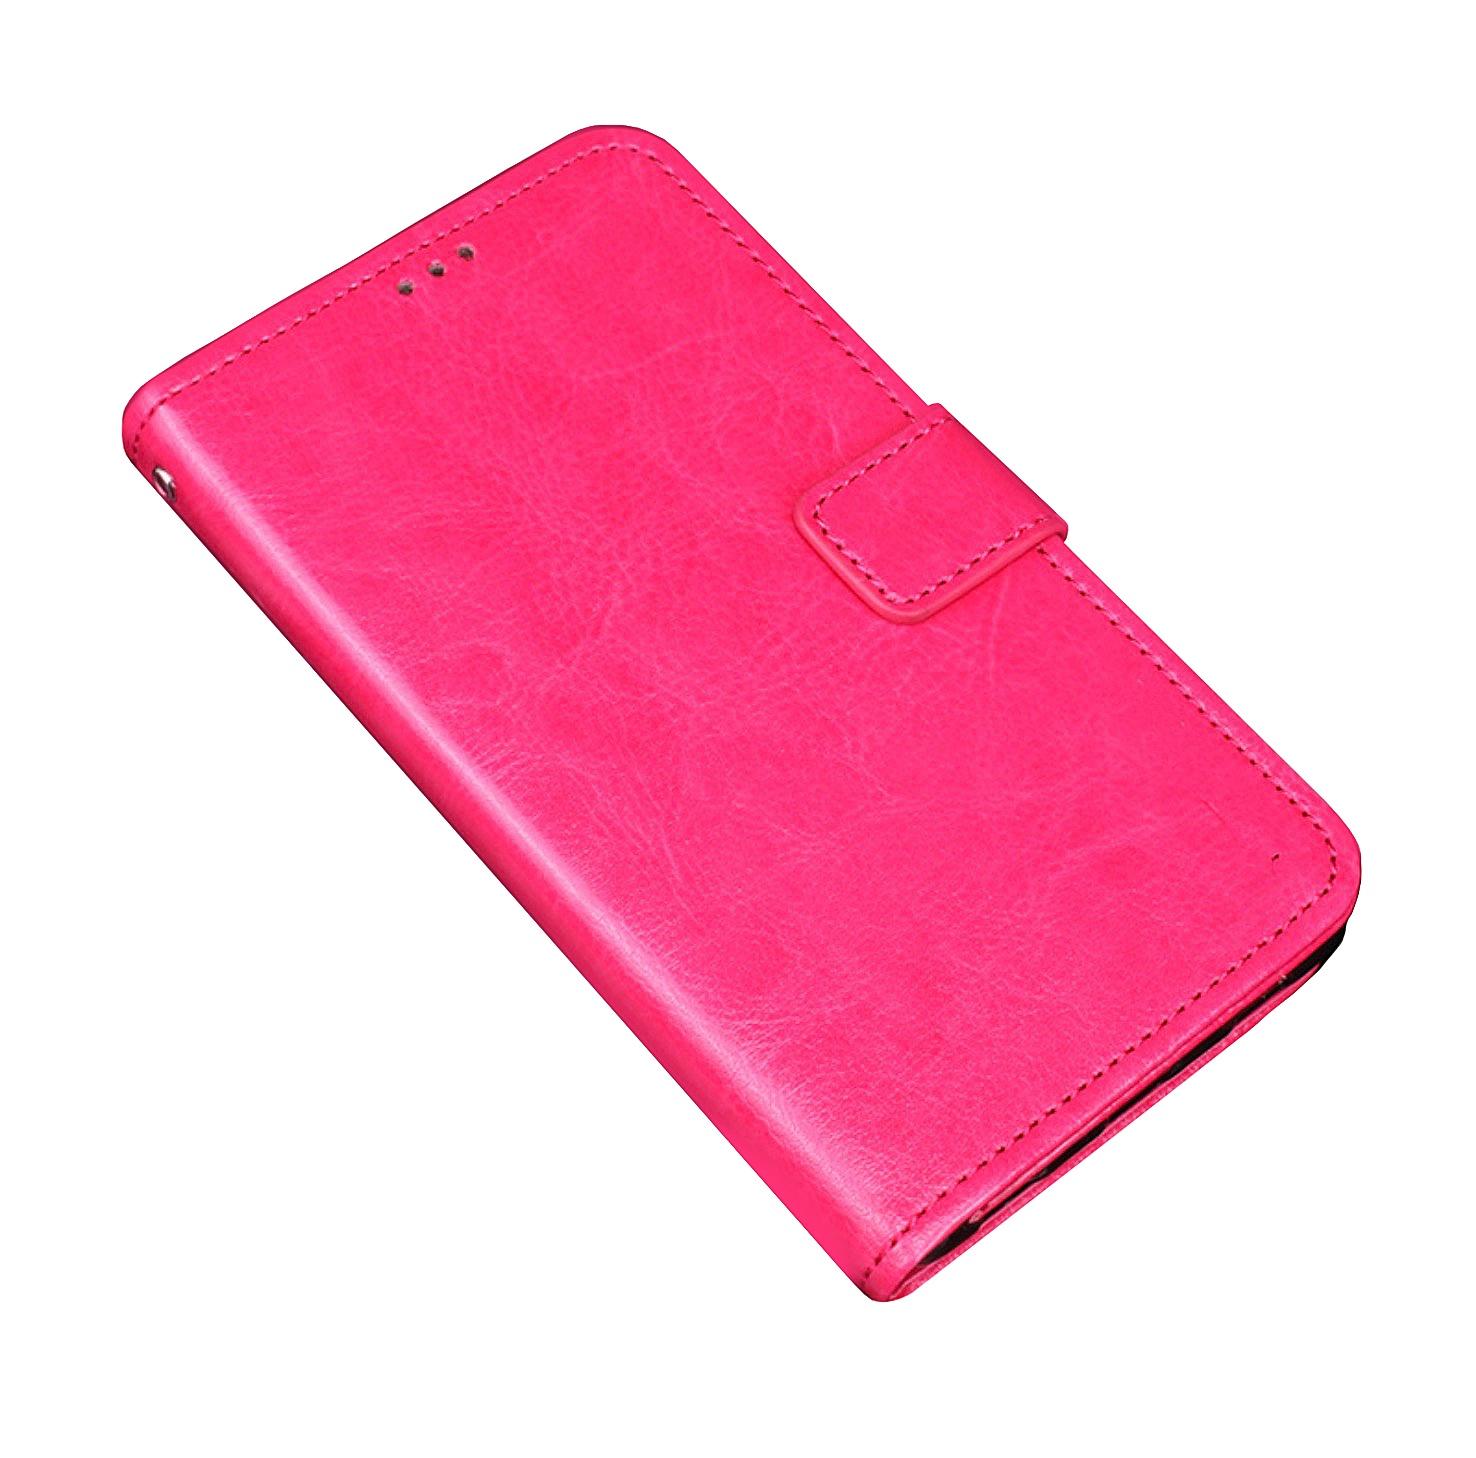 купить Чехол-книжка MyPads для ZTE Nubia Z17 mini 5.2 (NX569J/H) с мульти-подставкой застёжкой и визитницей розовый онлайн